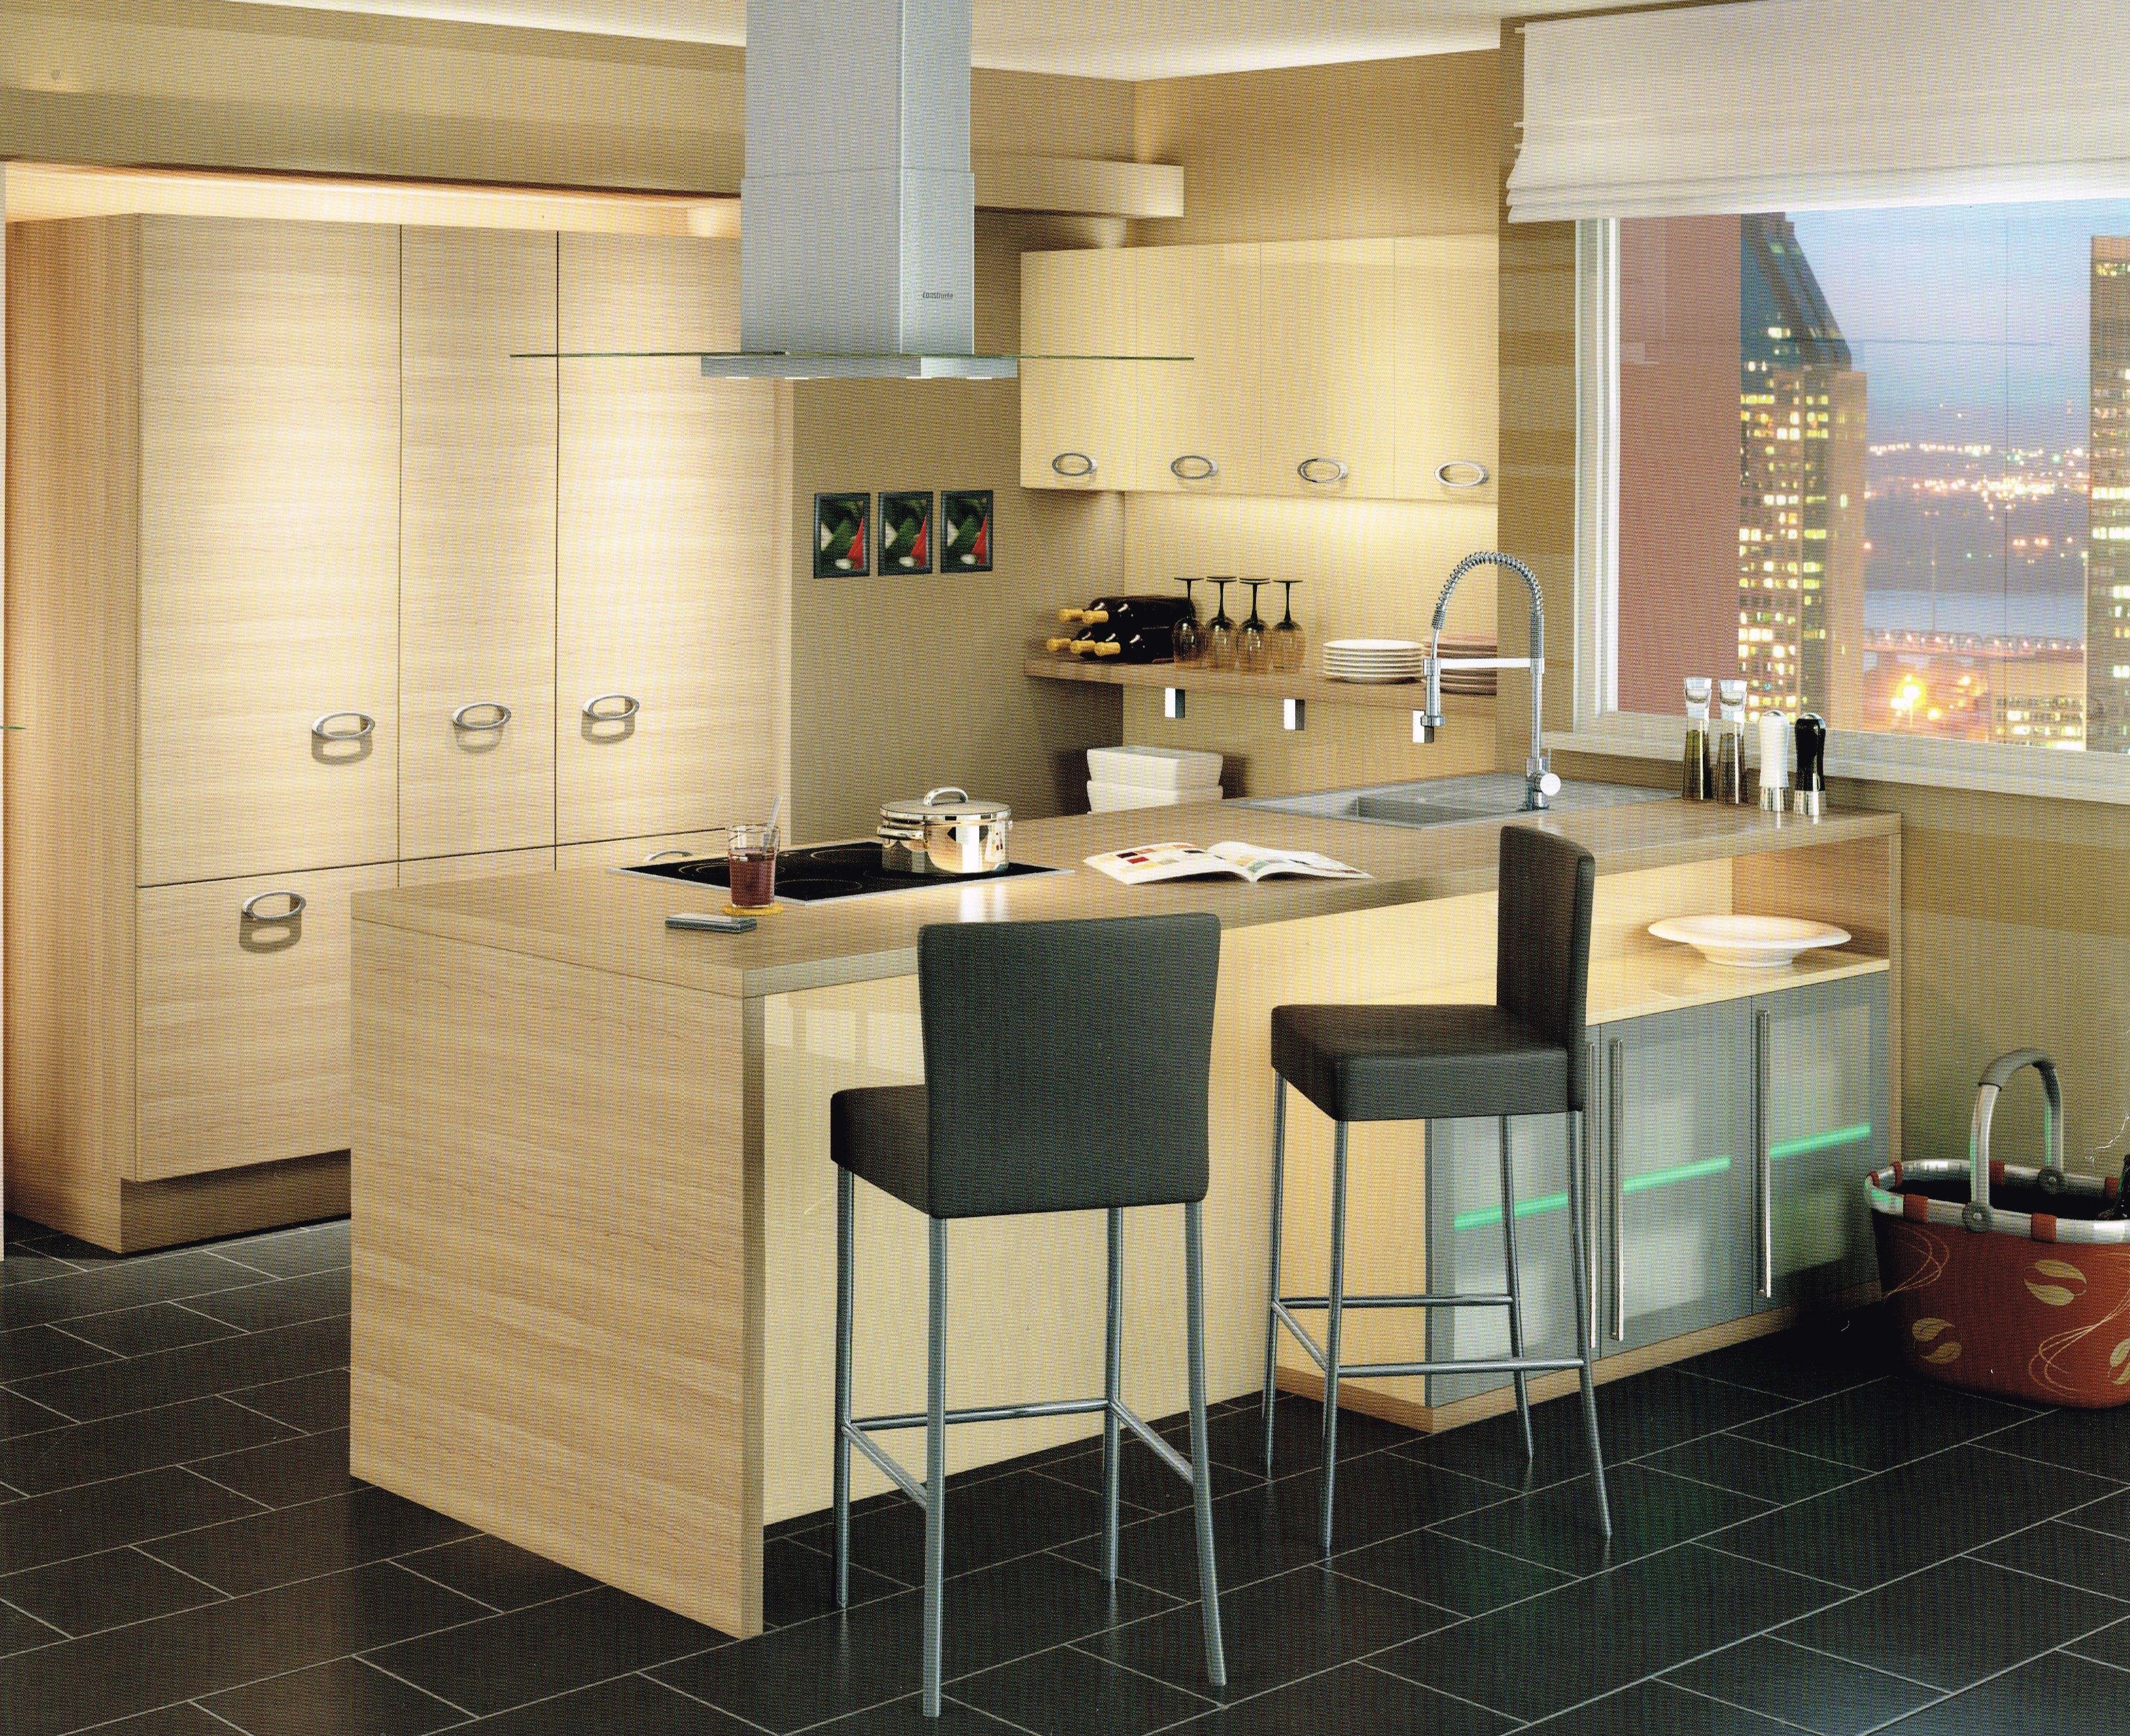 Küche Selber Zusammenstellen Jtleigh.com